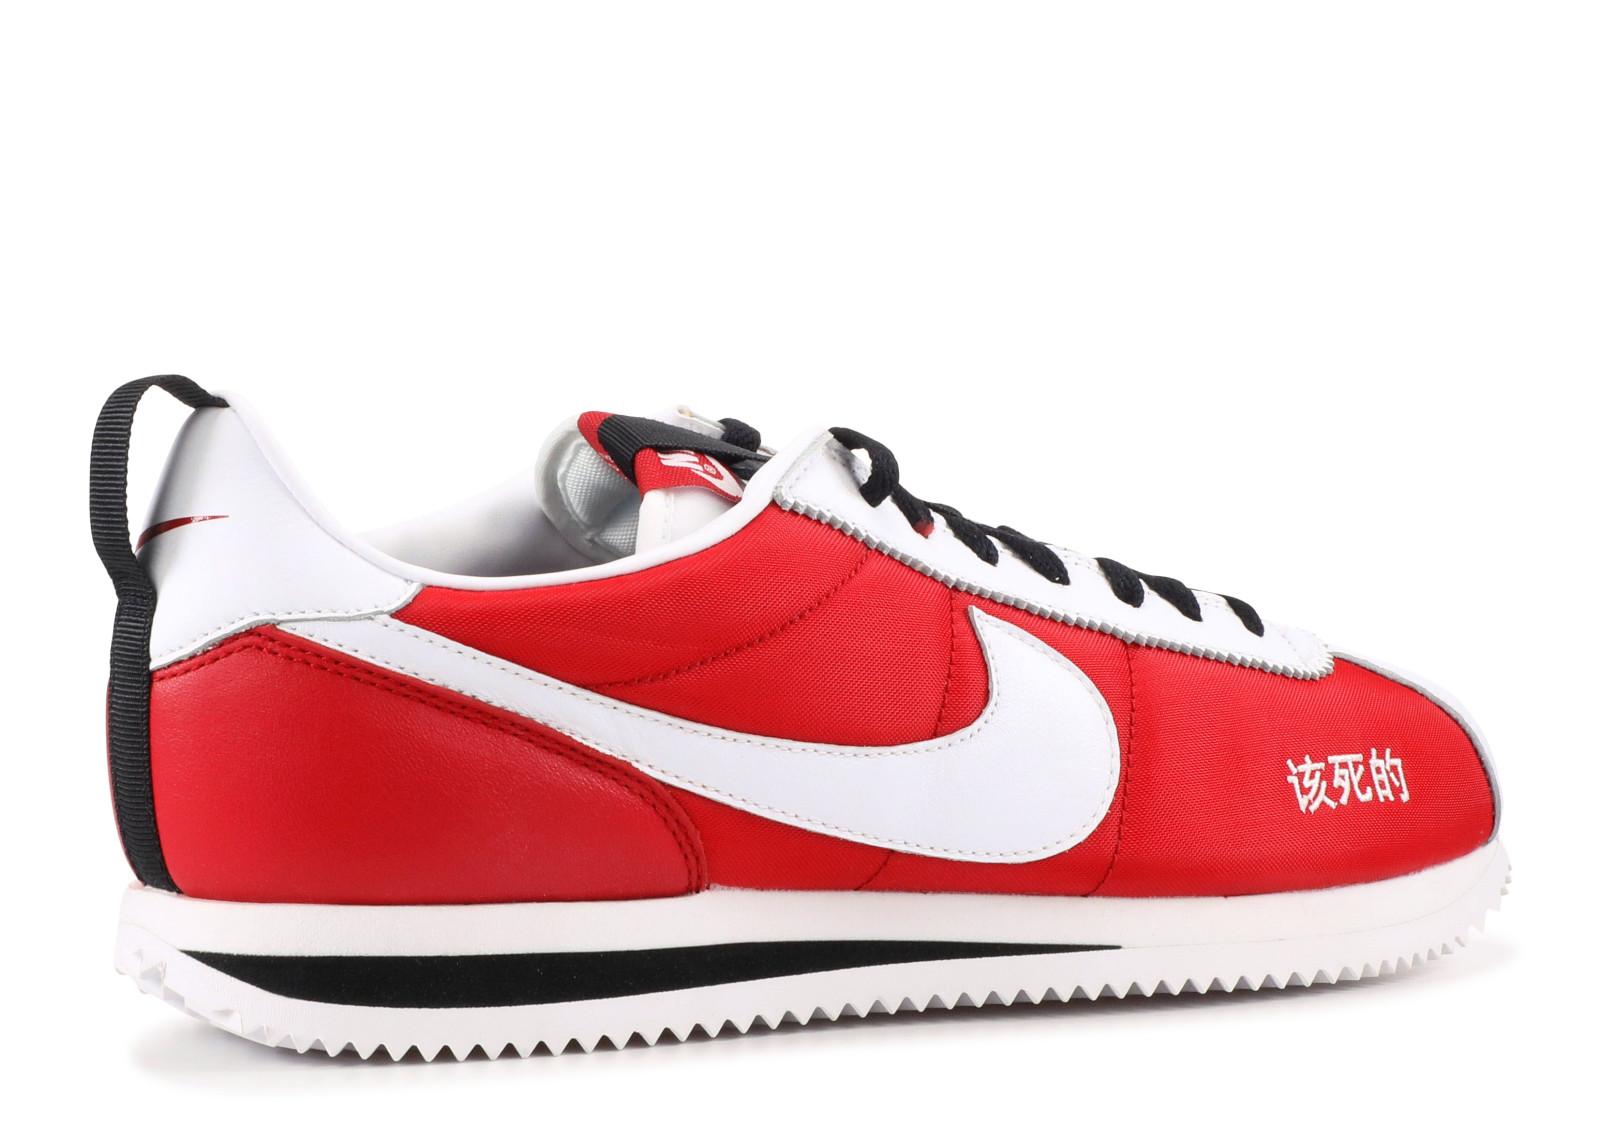 meet 4158f 62f0b Nike Cortez Kenny 2 Kendrick Lamar Kung Fu Kenny - 1